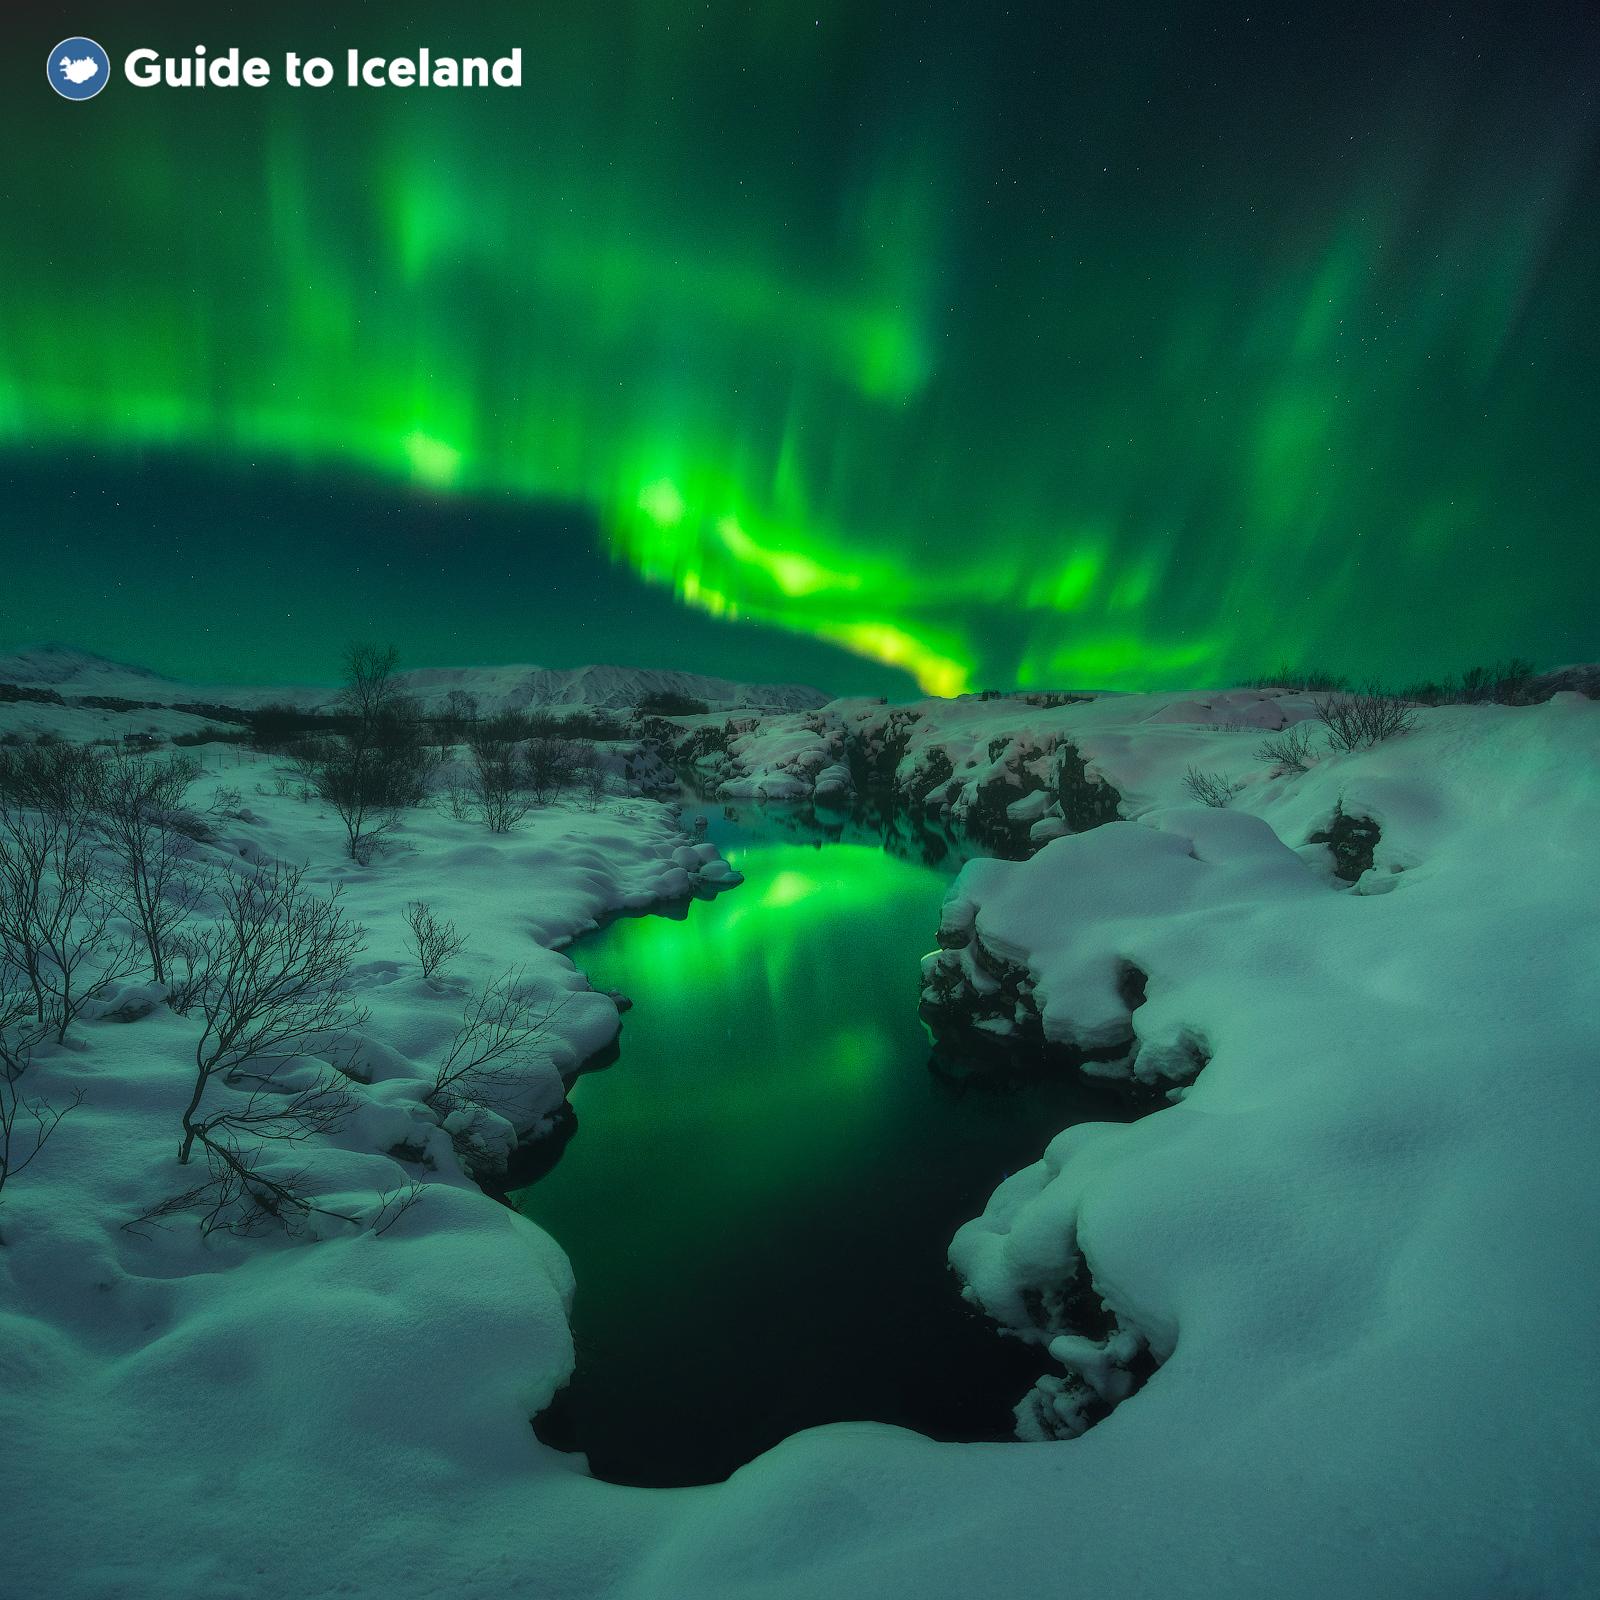 Die Nordlichter erhellen eine Winterlandschaft in Island